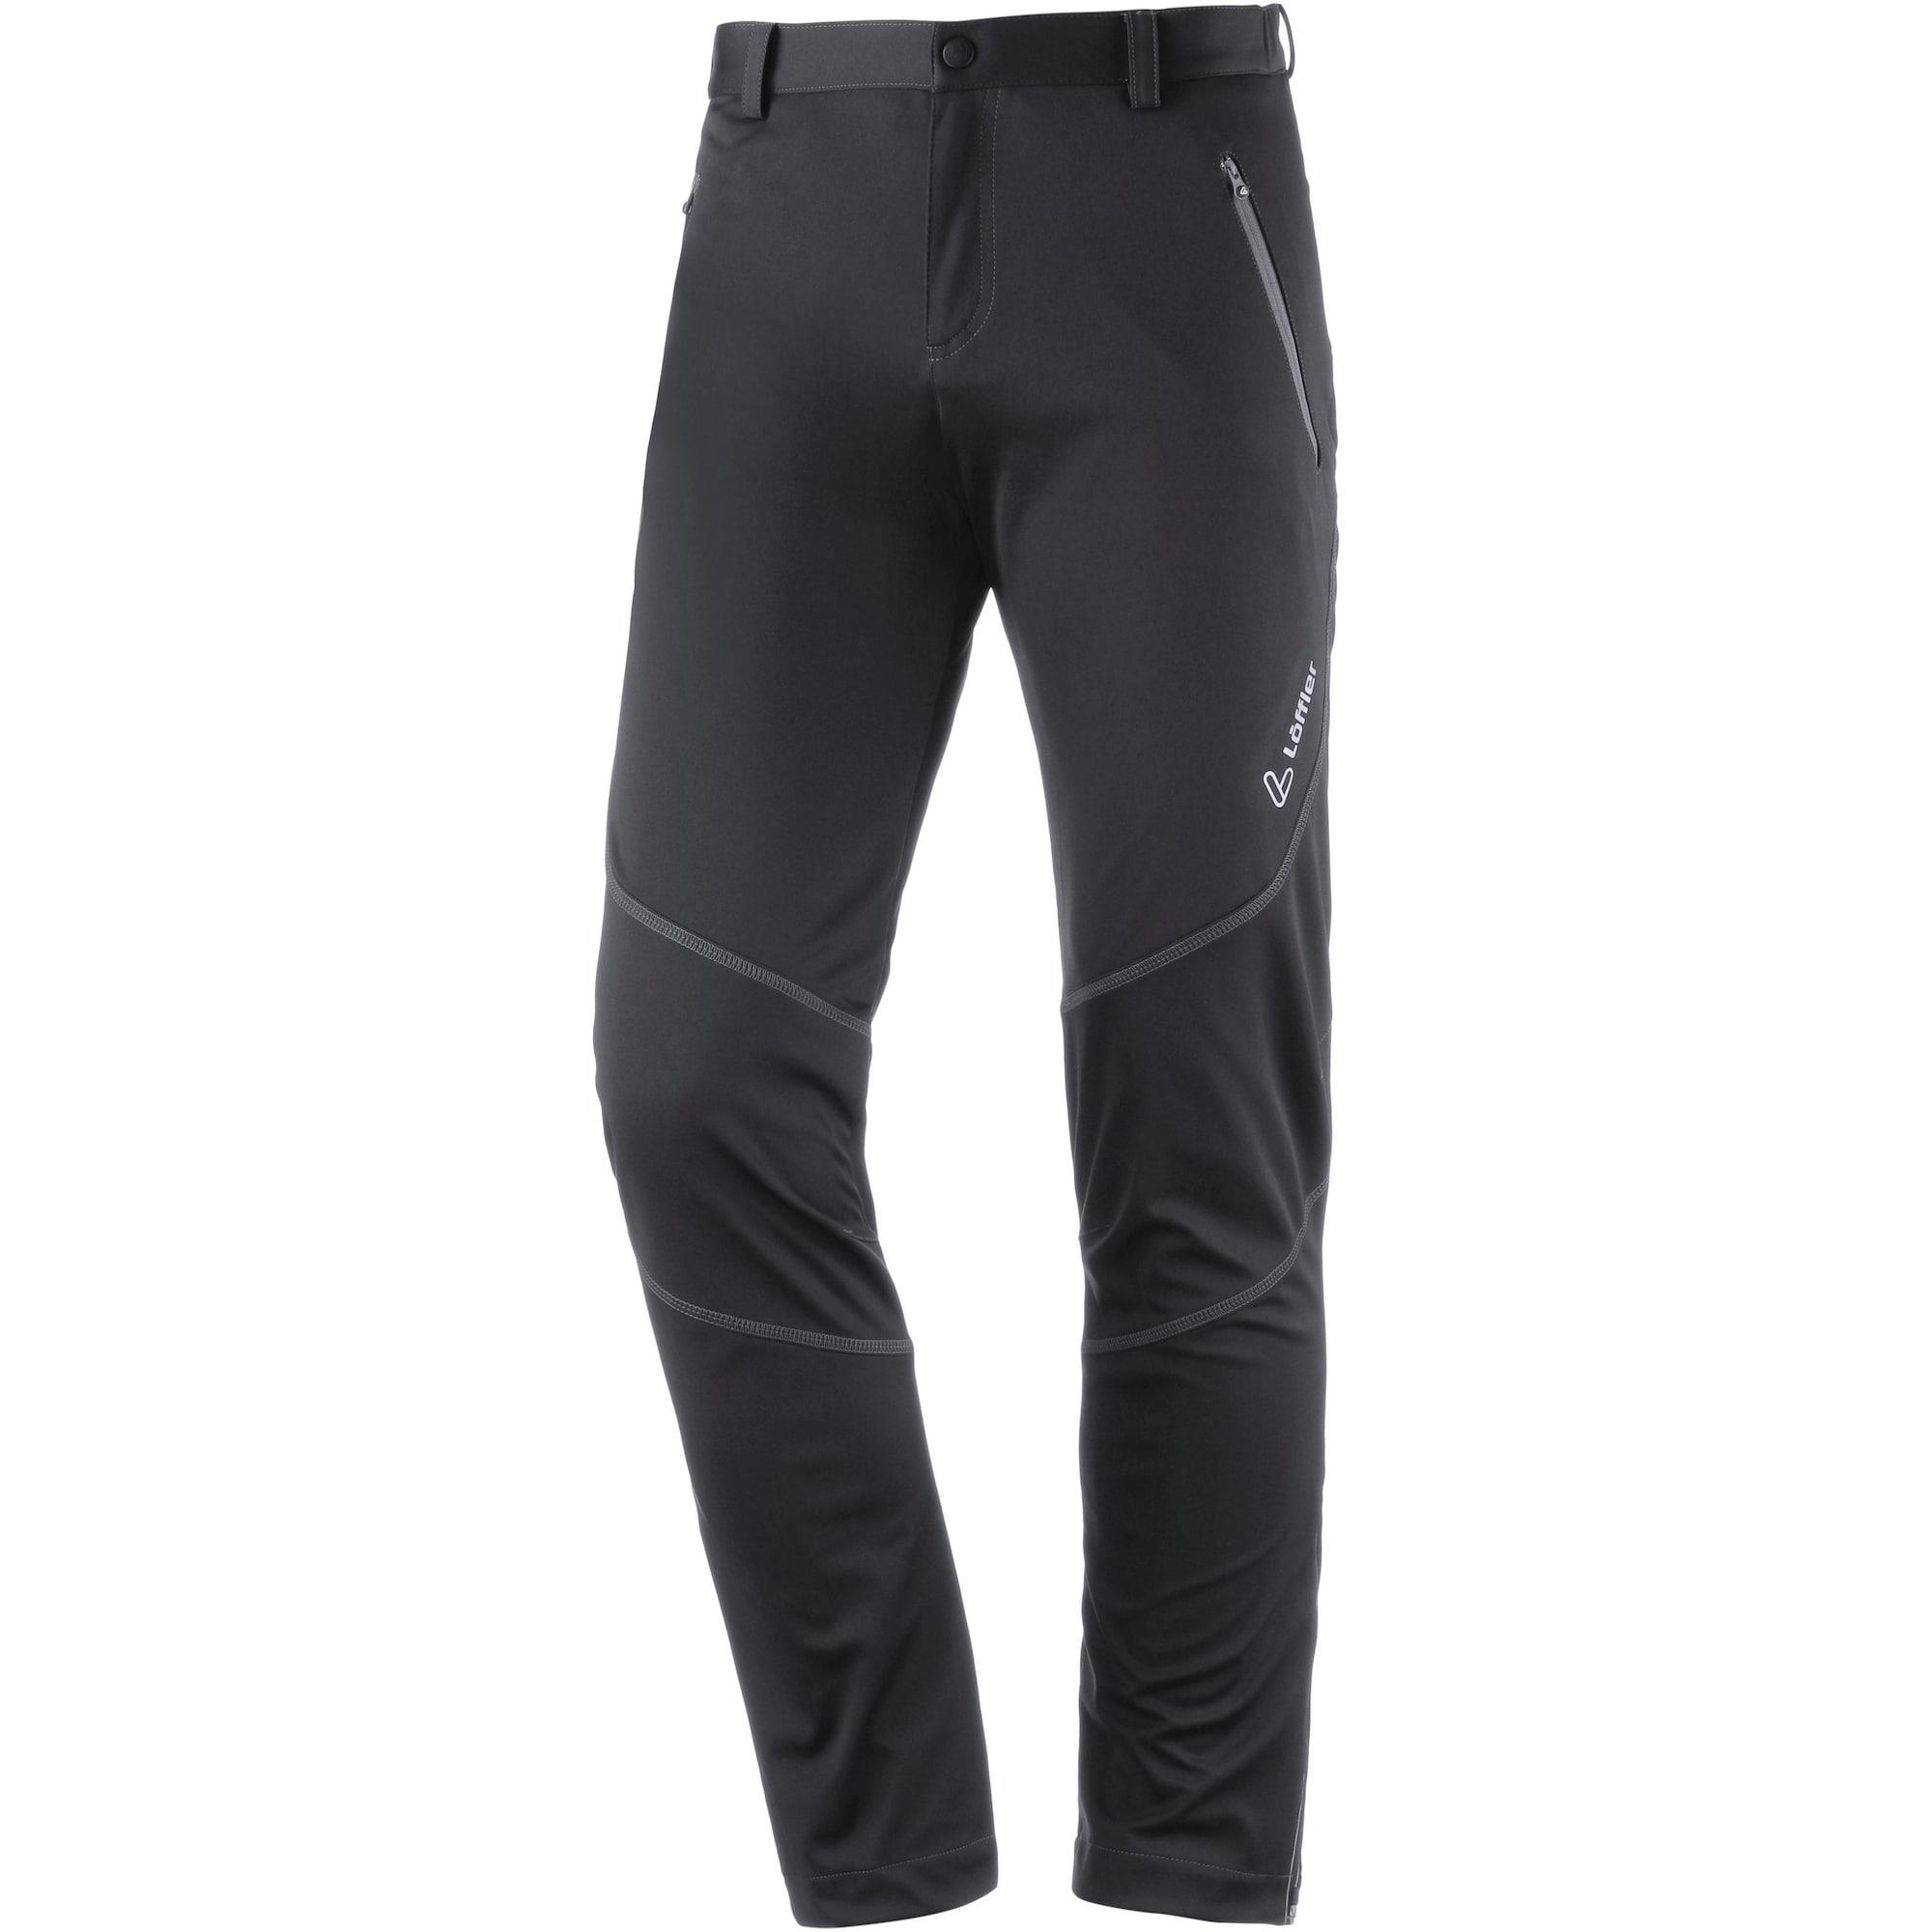 Softshellhose | Sportbekleidung > Sporthosen > Softshellhosen | Löffler